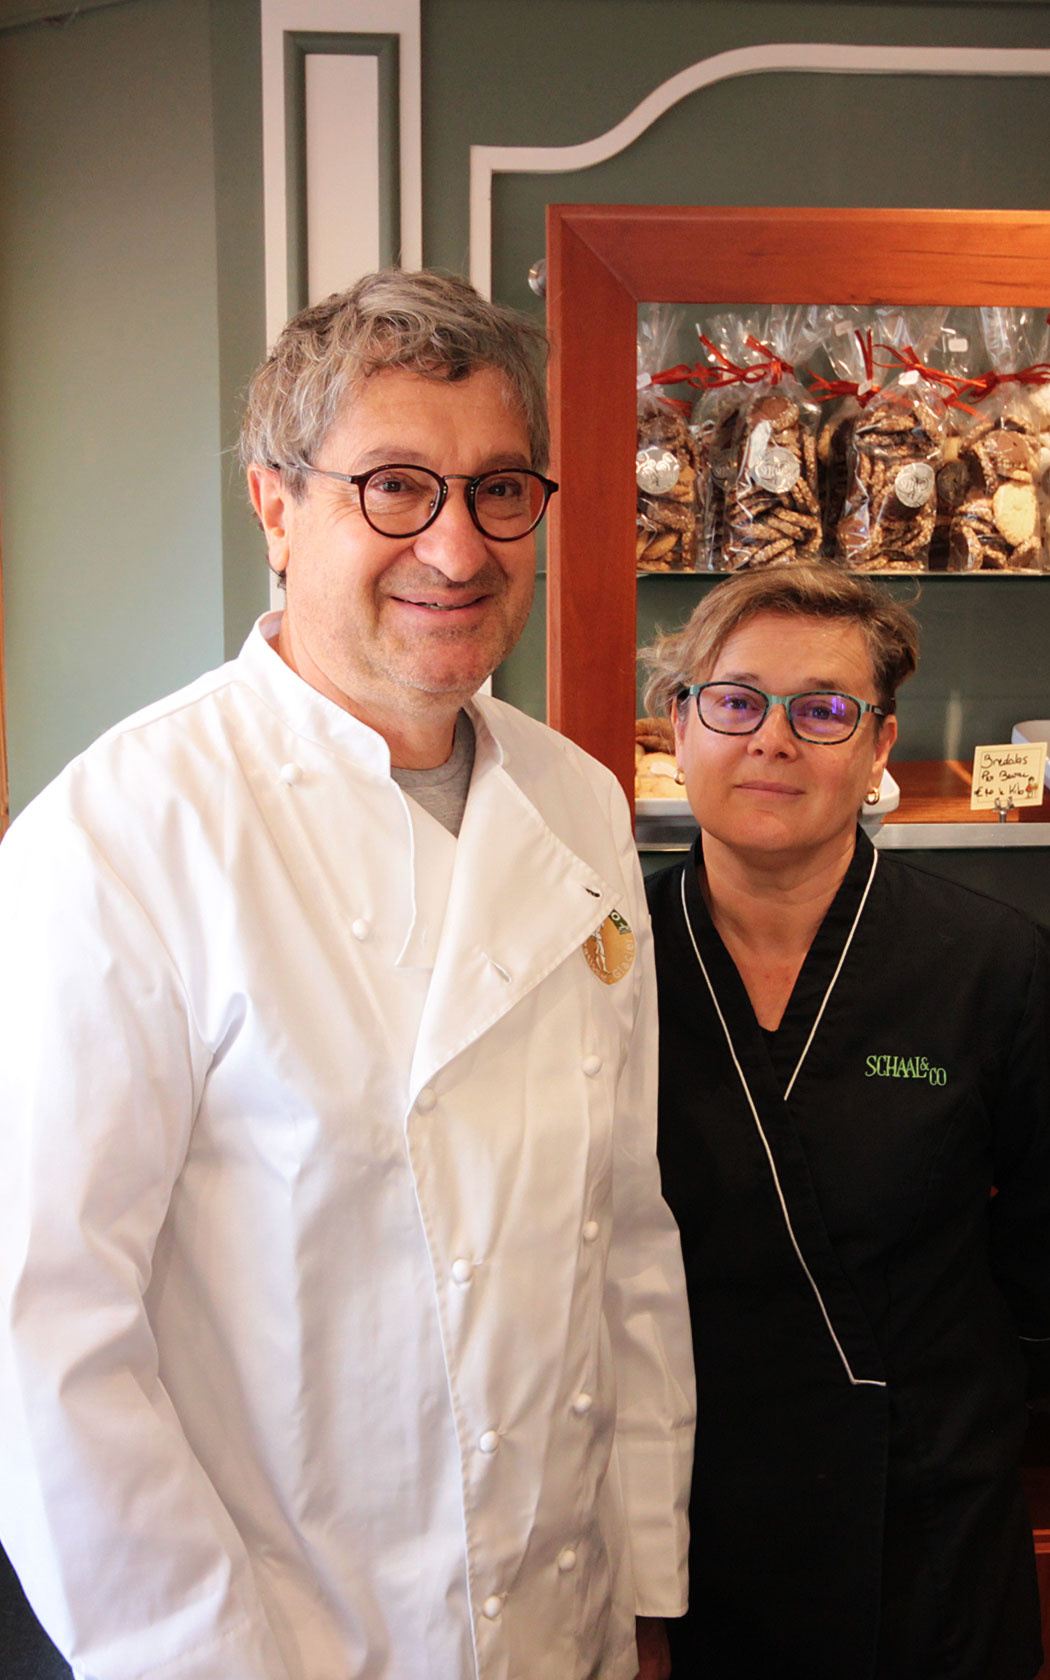 Rémy Schaal et sa femme, Isabelle, dans la boutique de Ribeauvillé.